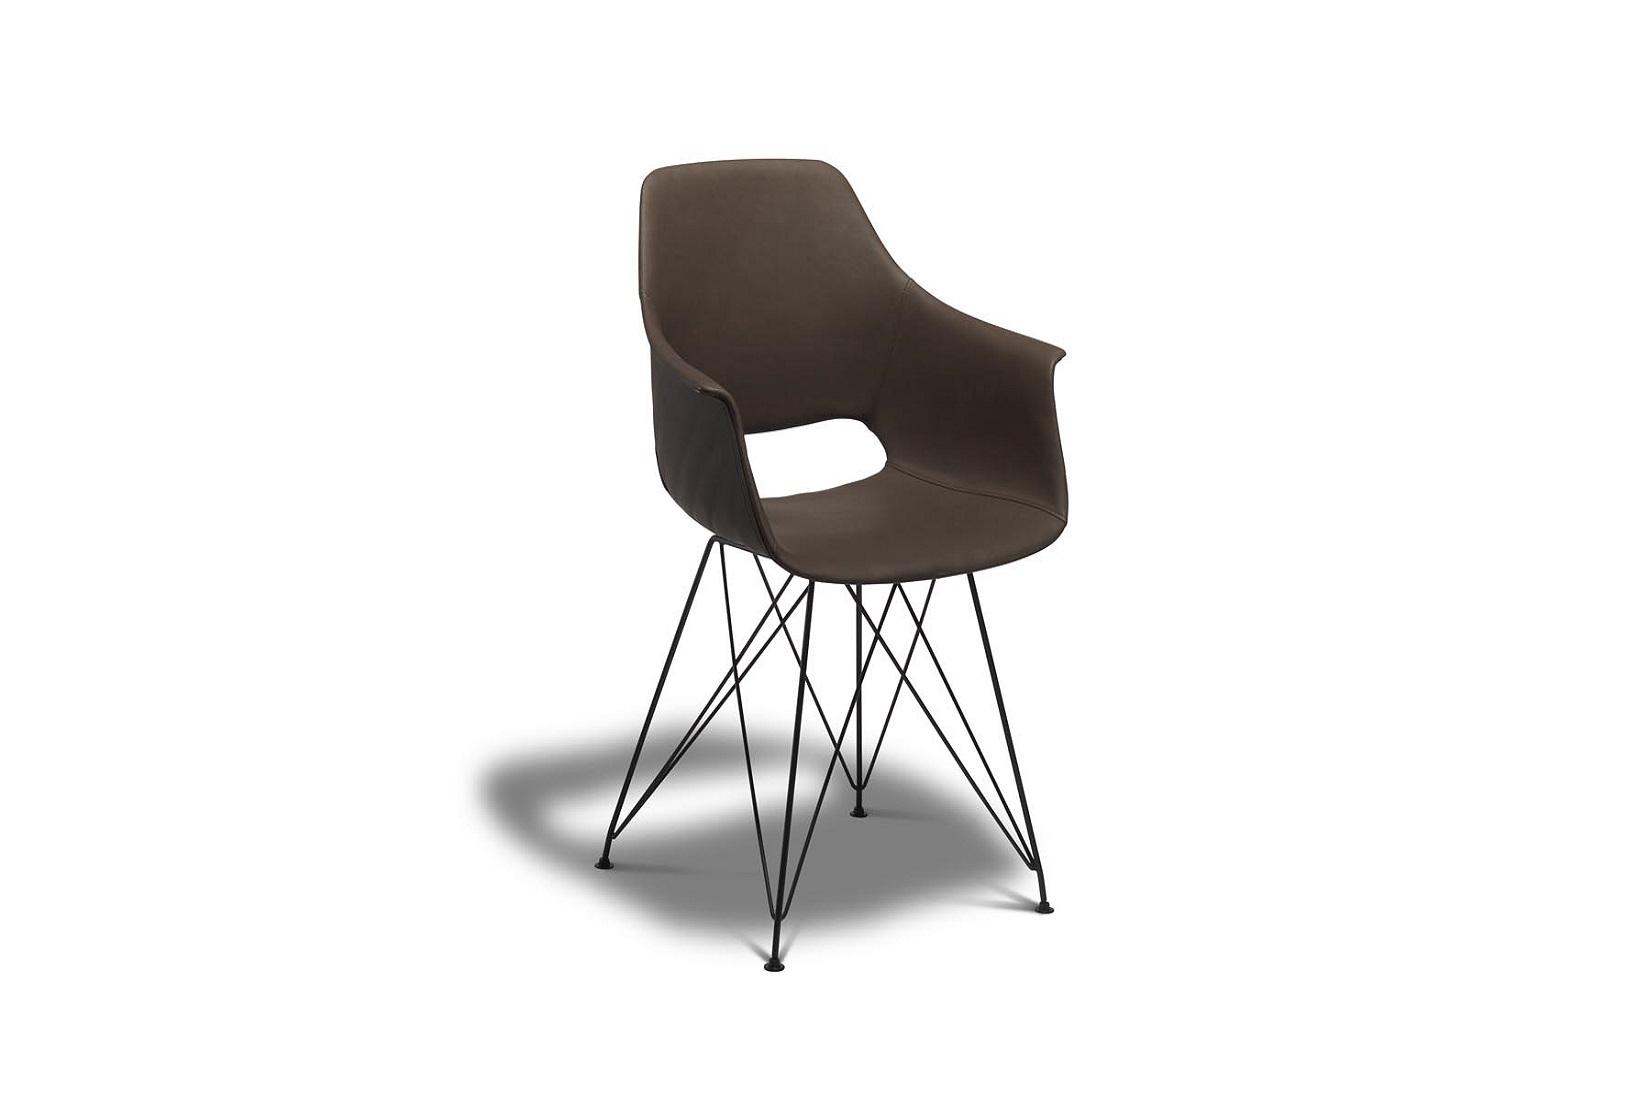 Jídelní židle Aban, tmavohnědá